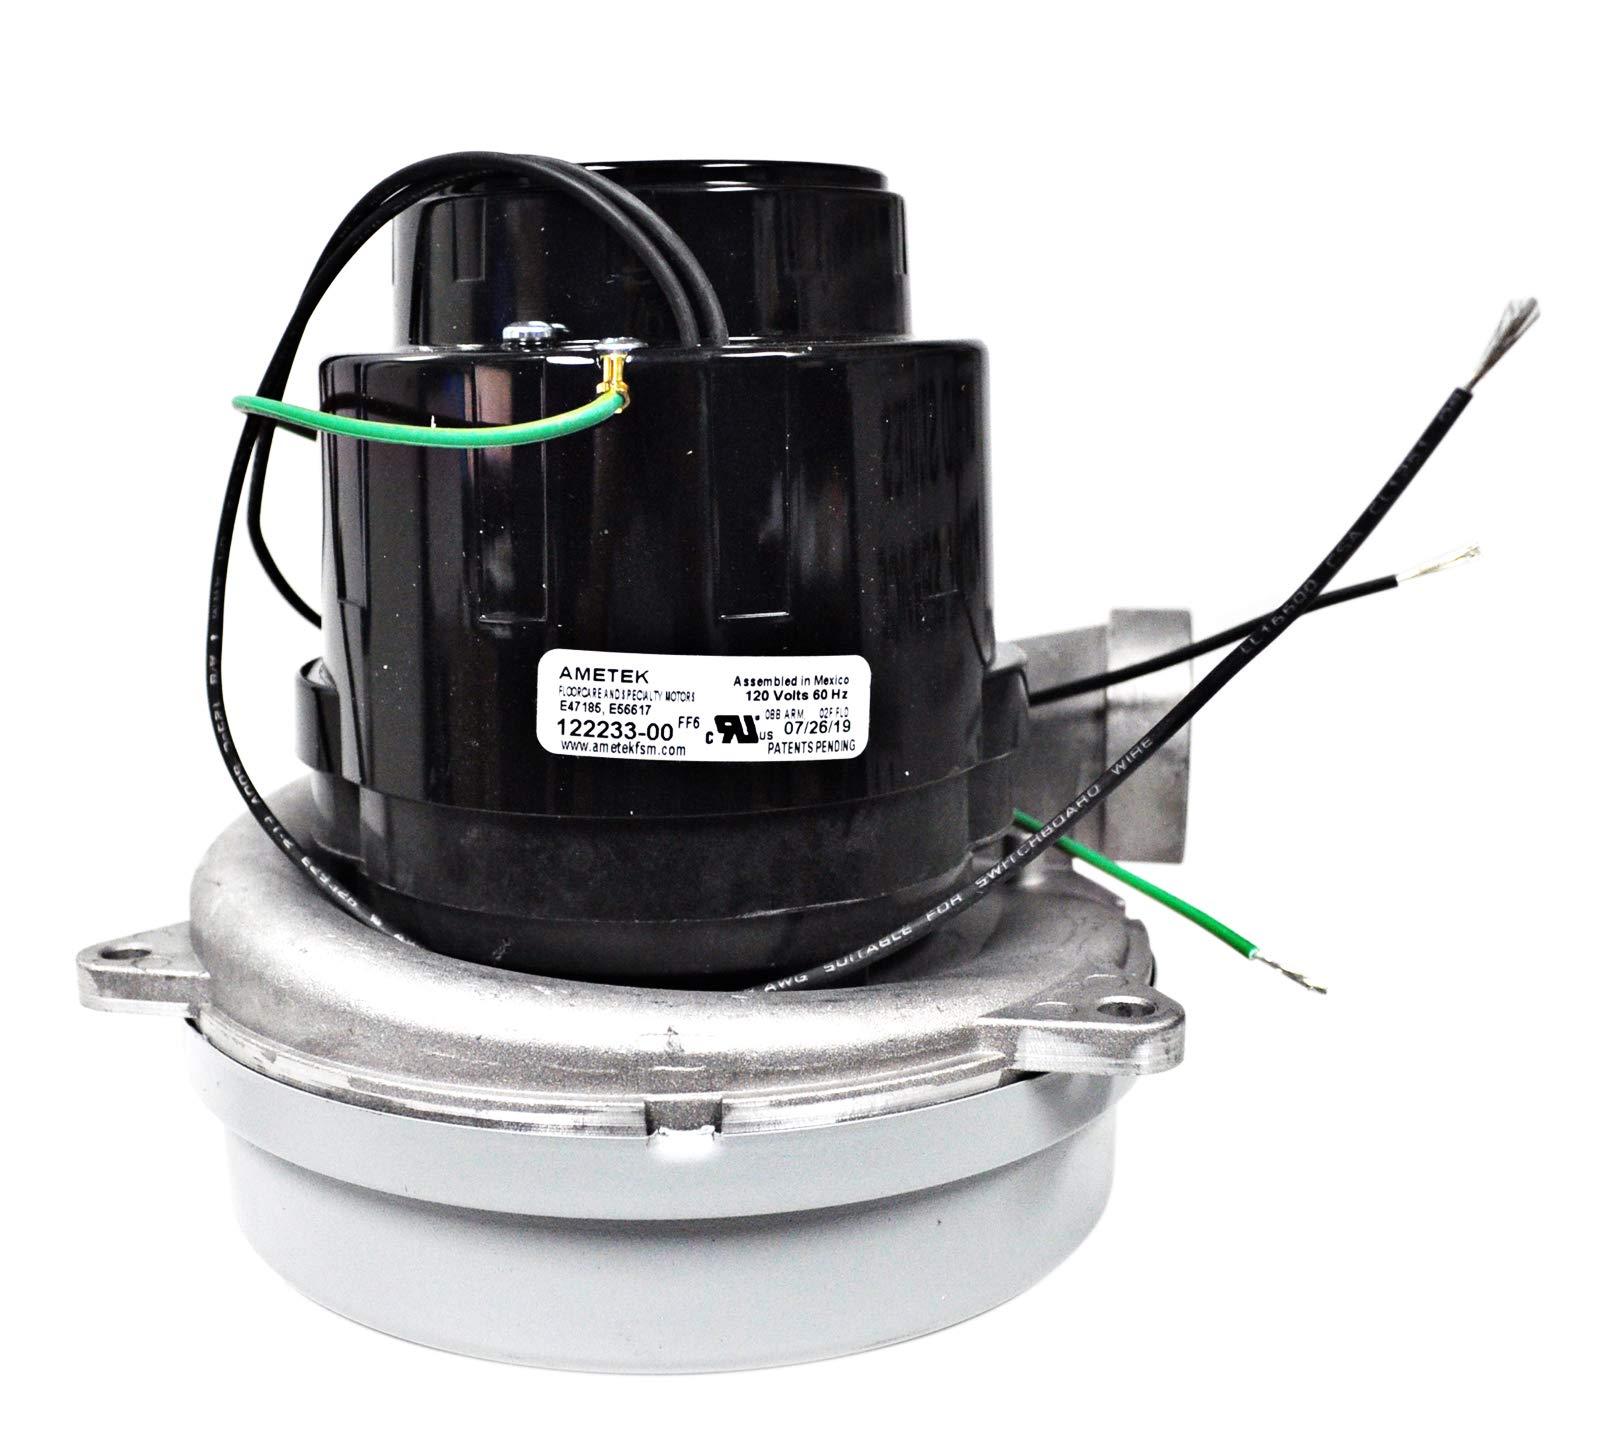 Ametek Lamb 6.6 Inch TB 2 Stage 120 Volt B/B Vacuum Motor 122233-00 by Ametek